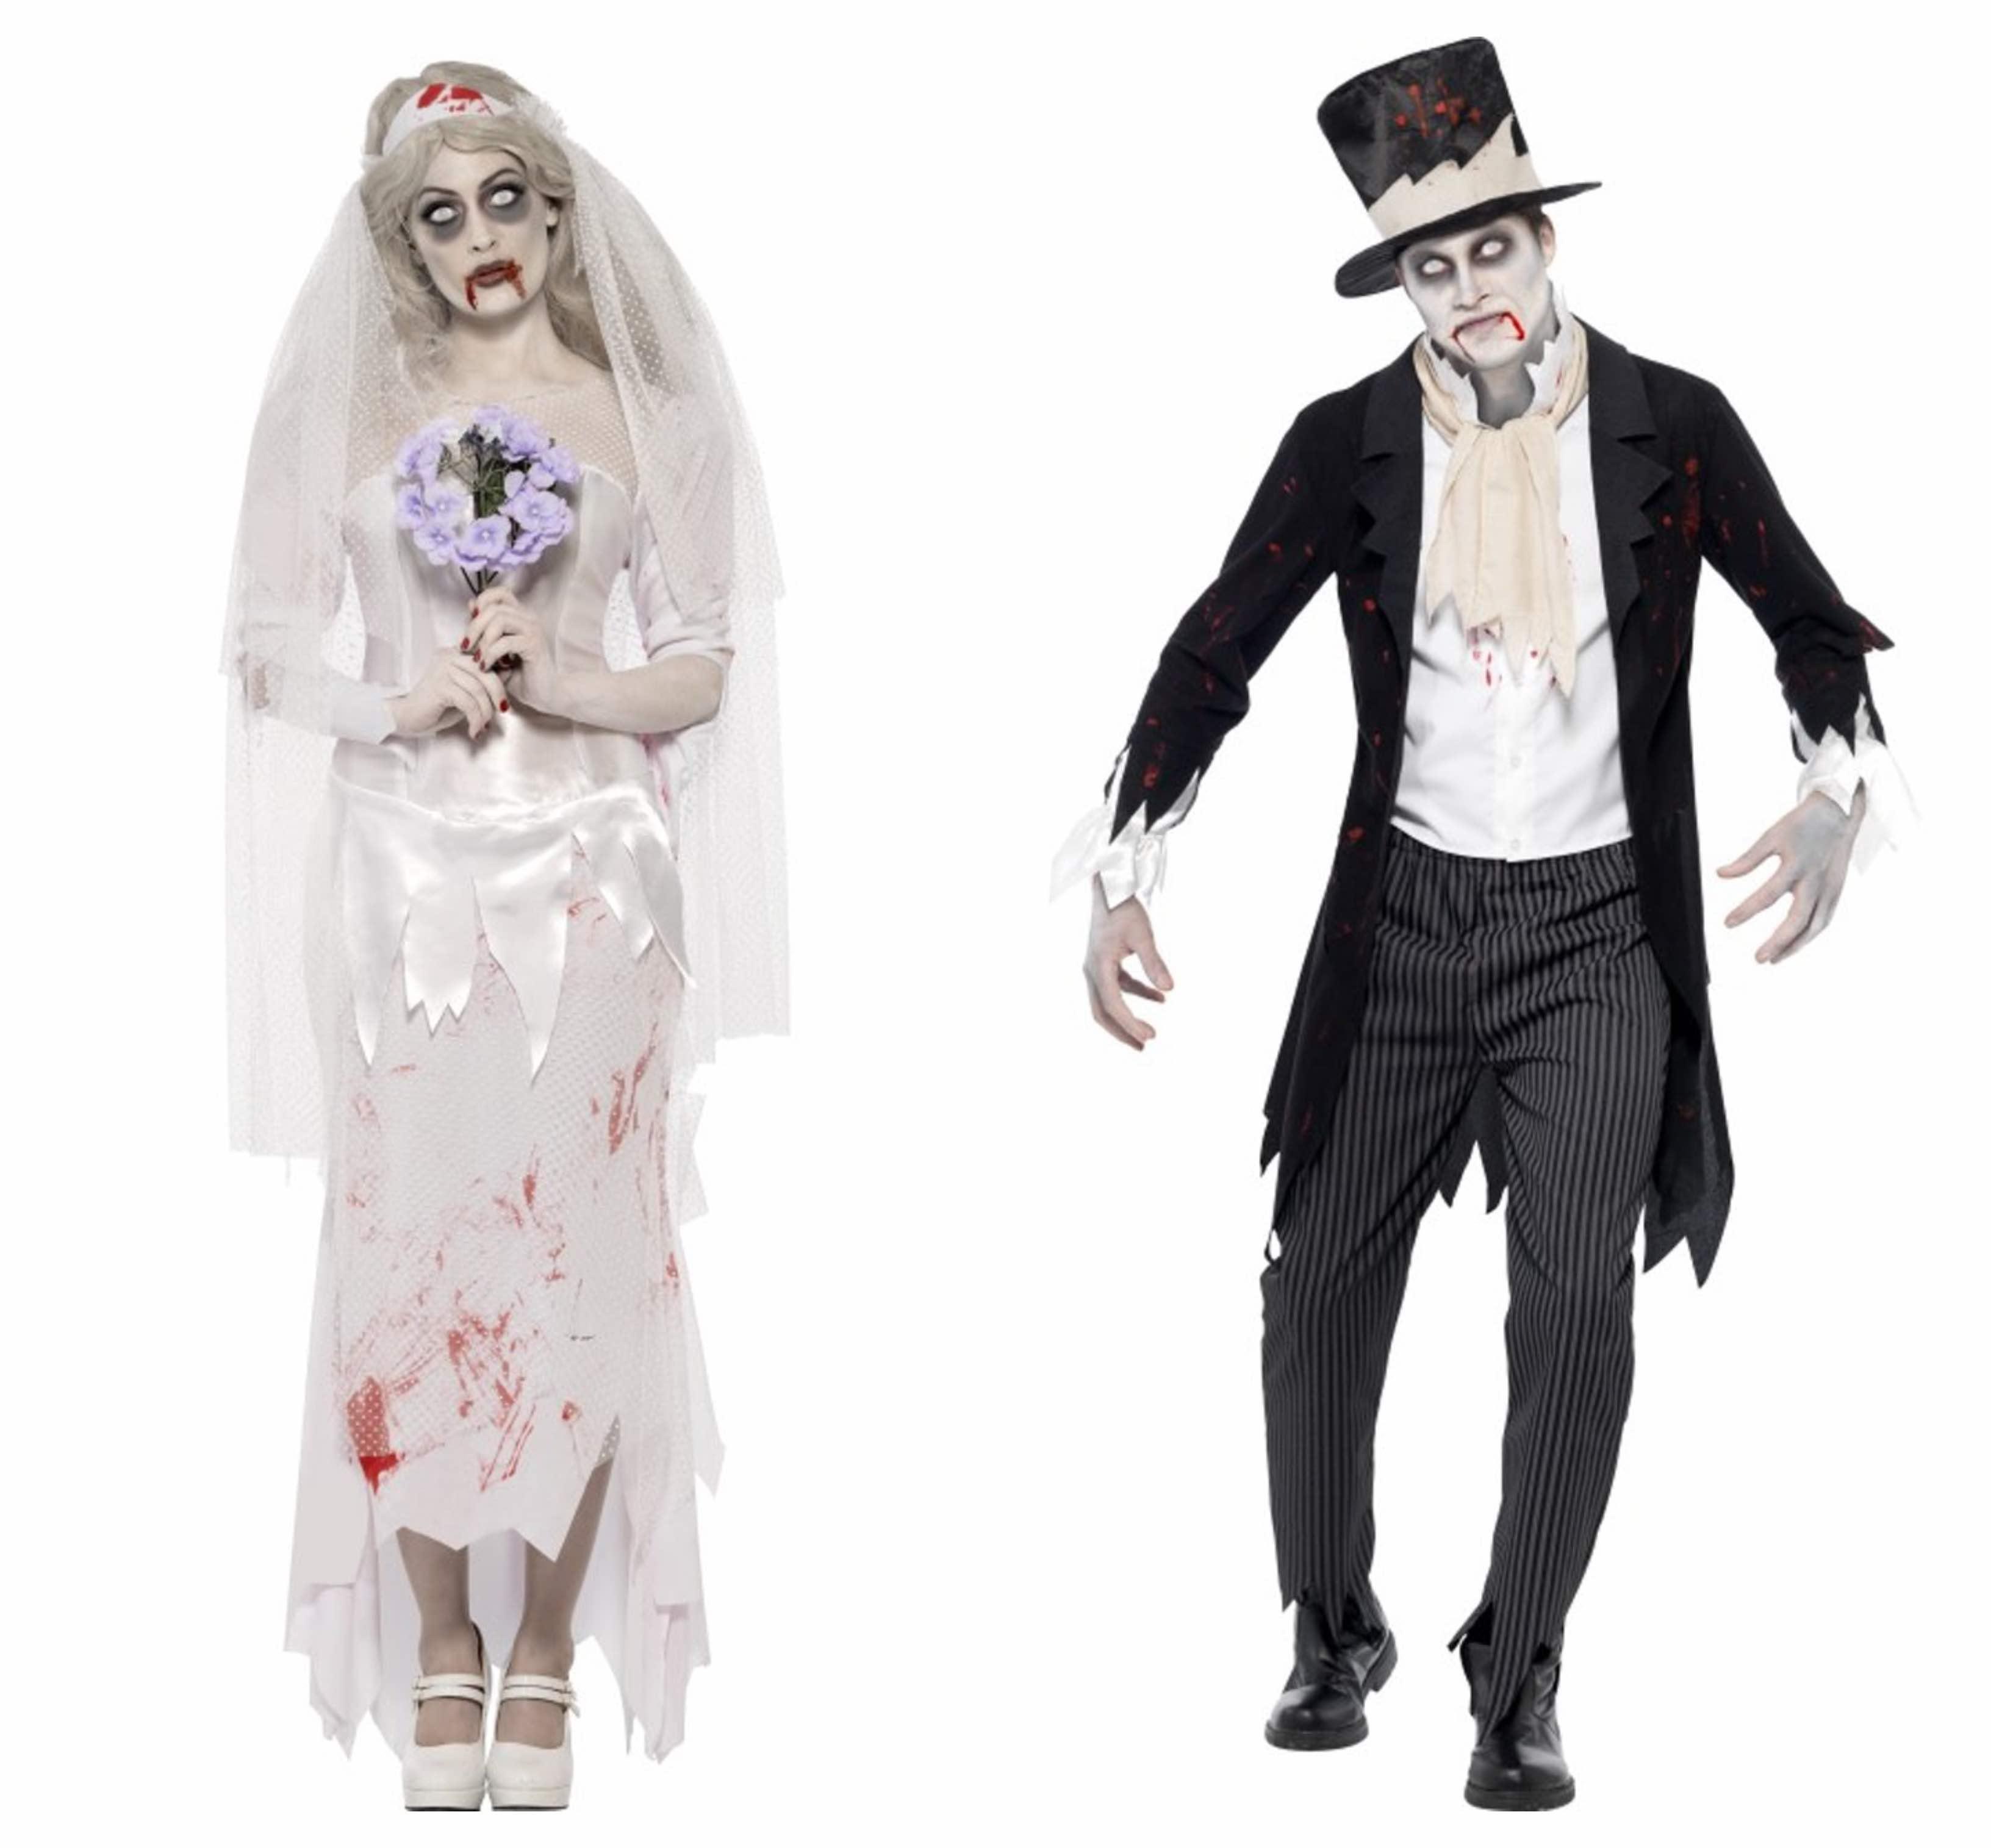 zombie-brud-og-gom-par-kostume-til-voksne - KostumeUniverset